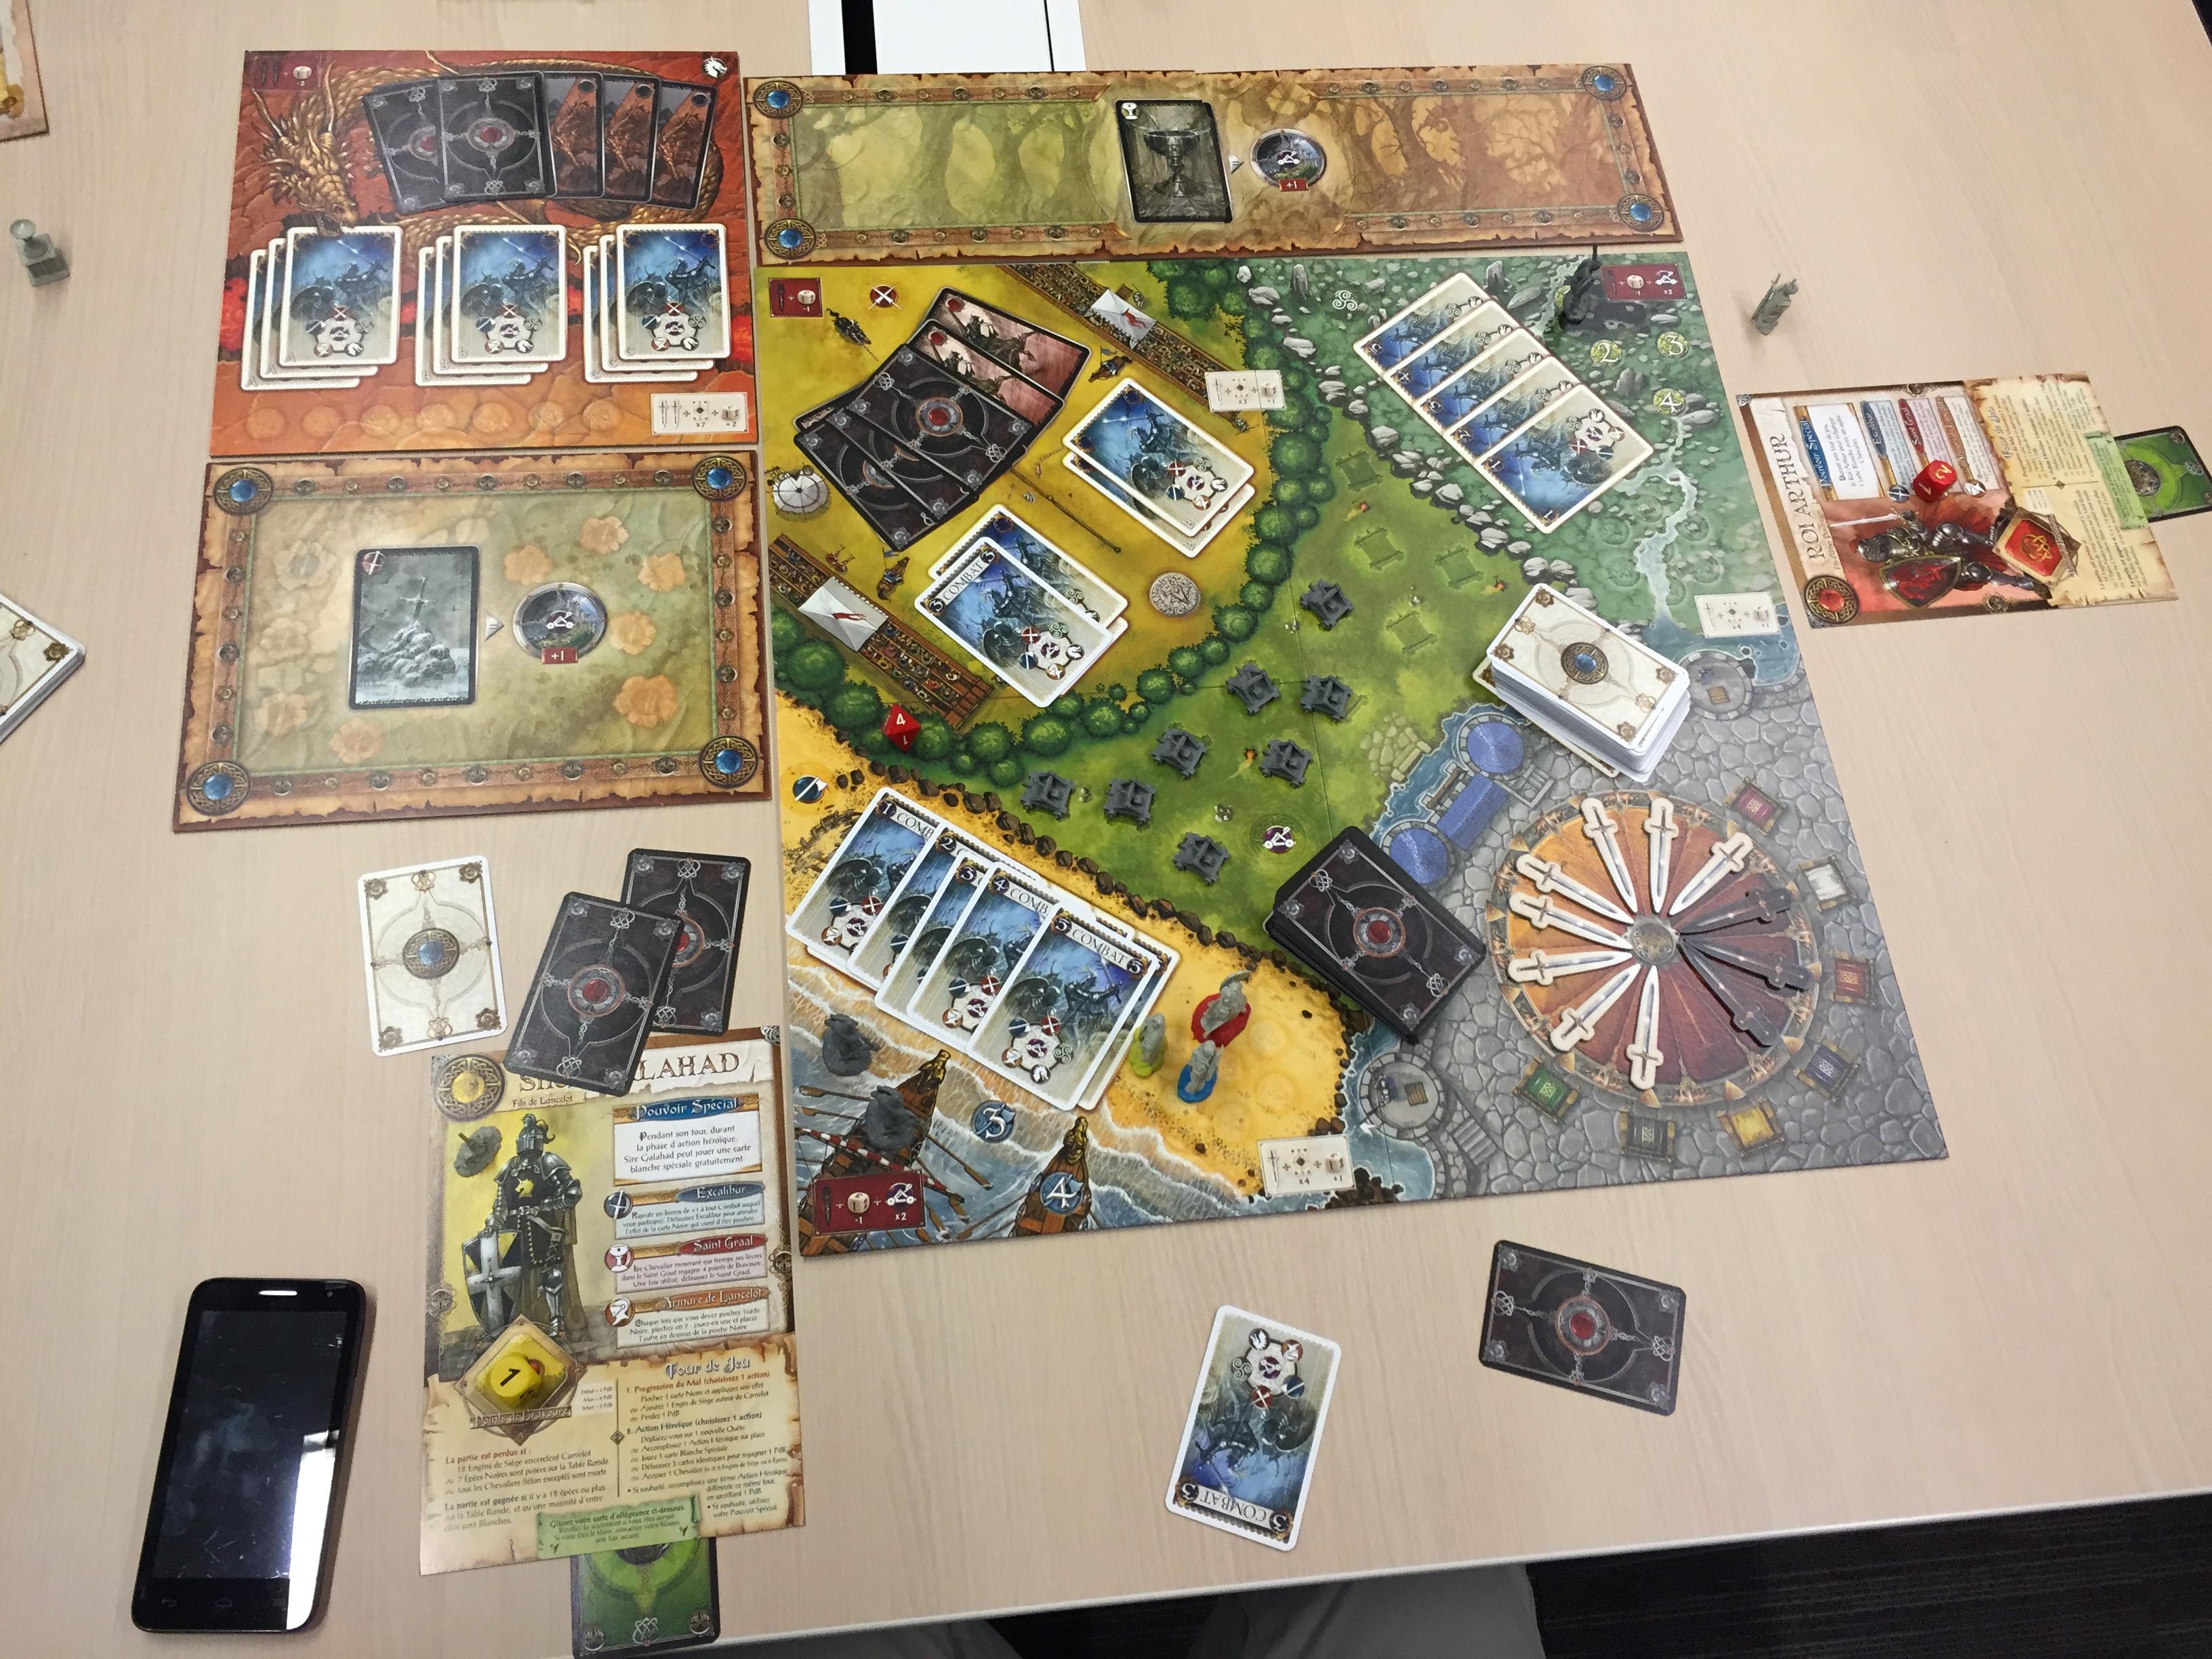 Les chevaliers de la table ronde vin d 39 jeu - Nom des chevaliers de la table ronde ...